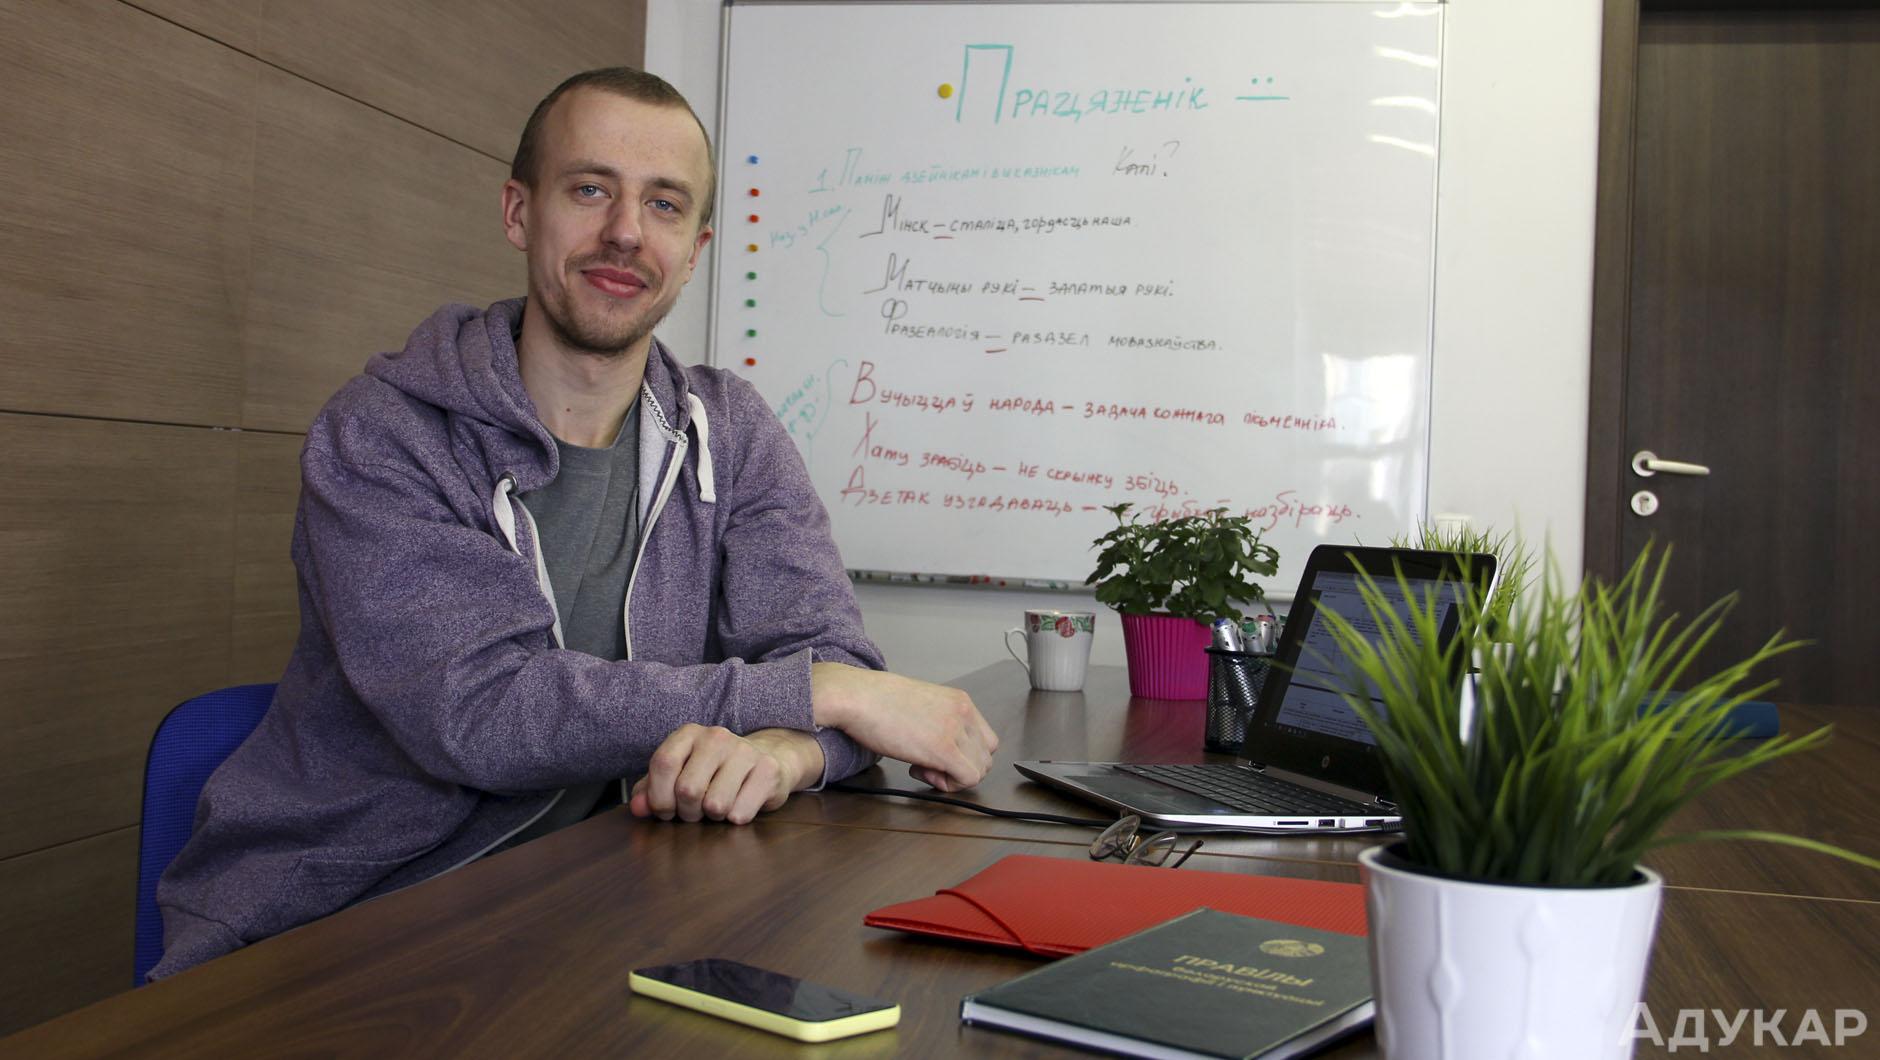 Отвечает Дмитрий Судник - преподаватель